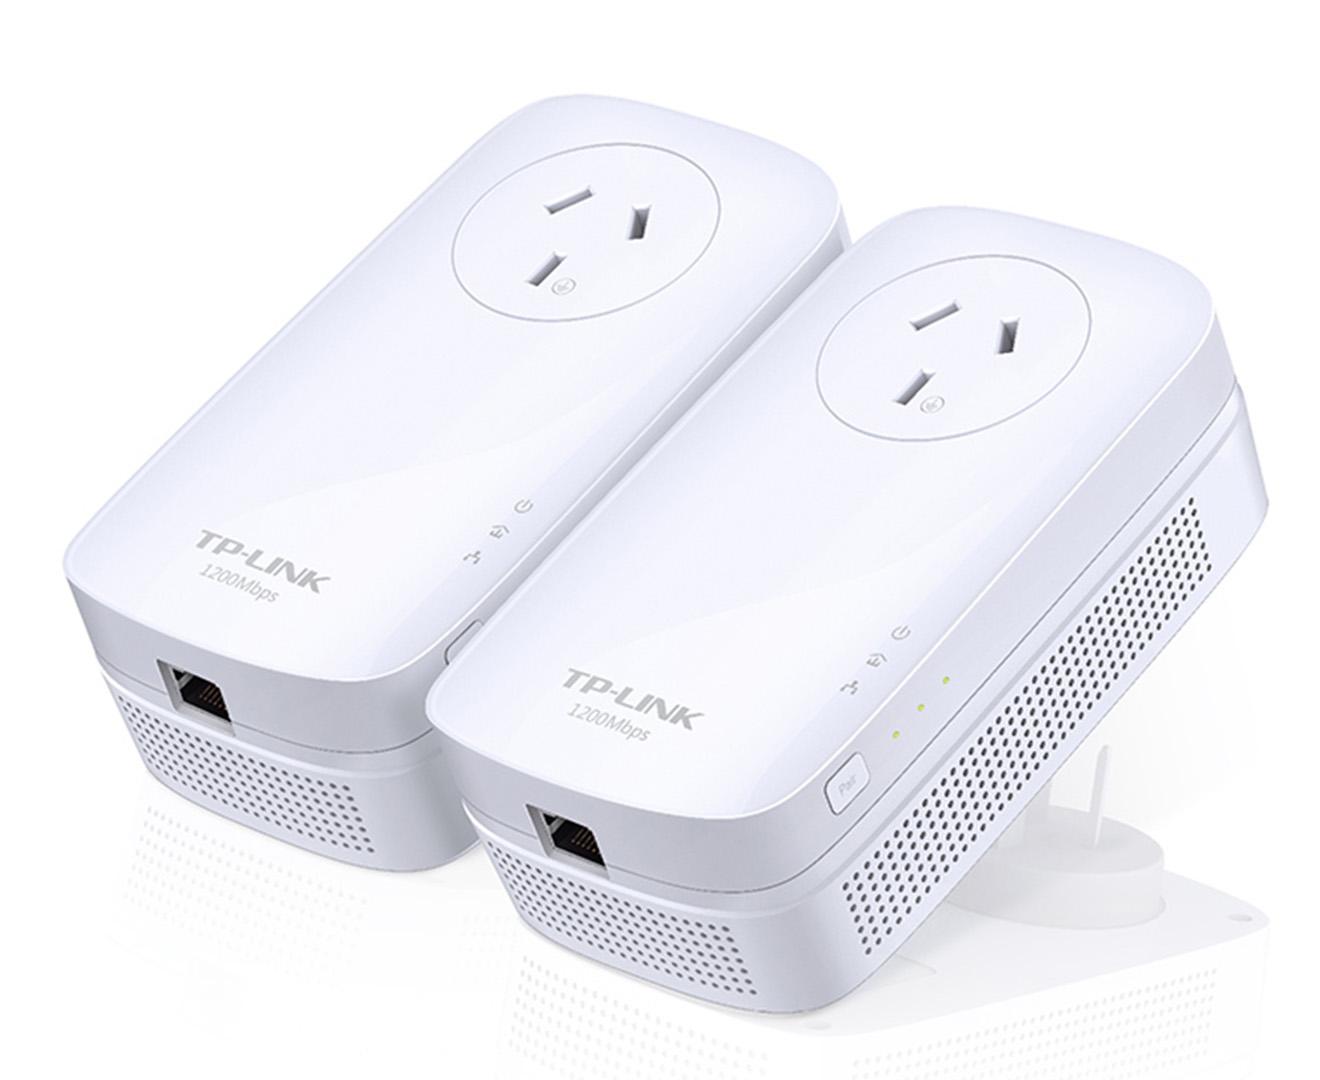 Tp Link Av1200 Gigabit Passthrough Powerline Starter Kit White Great Daily Deals At